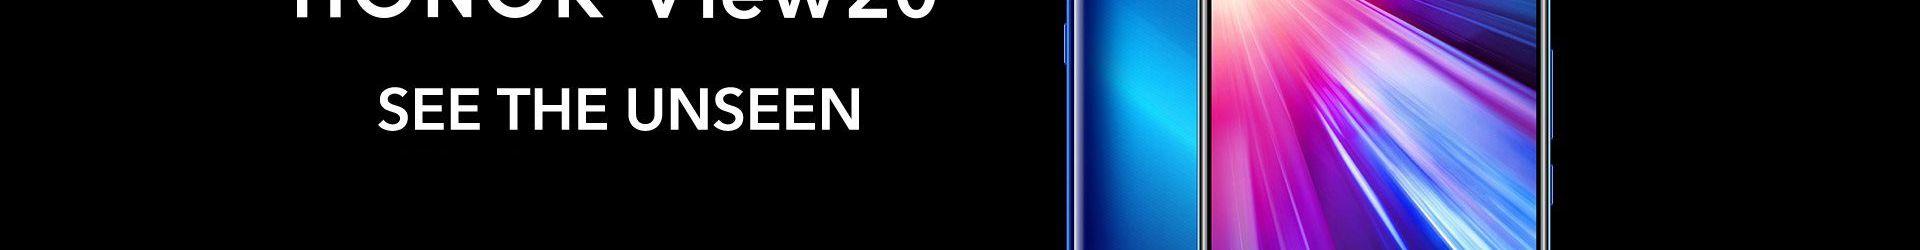 Honor View 20 arriva ufficialmente in Italia – (Link per l'acquisto e video della presentazione)